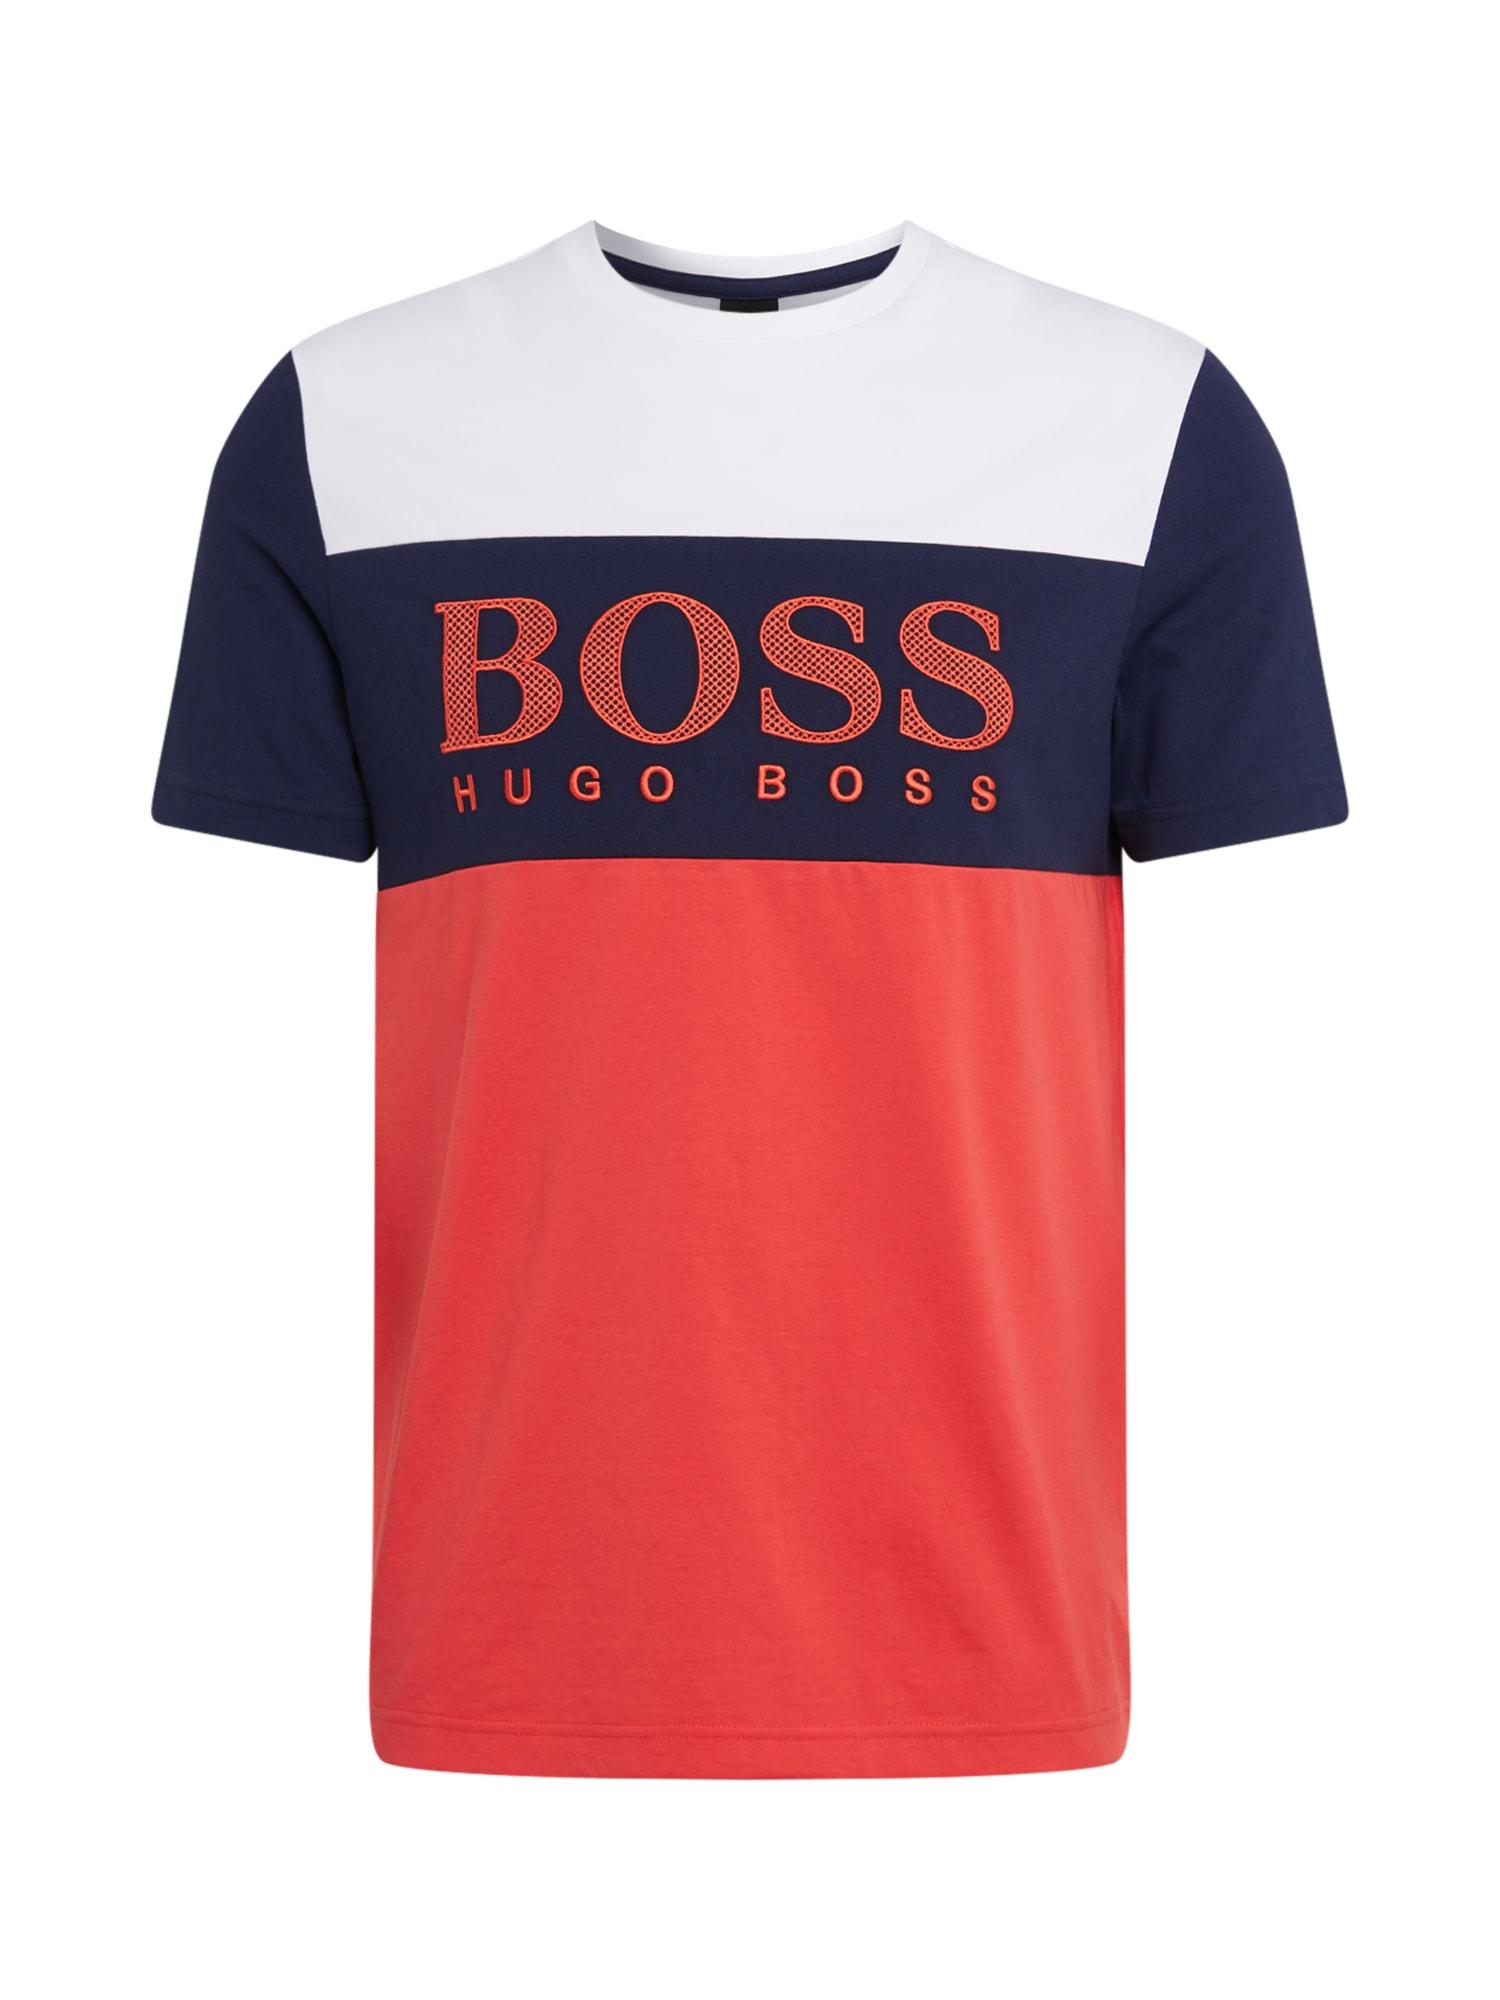 BOSS ATHLEISURE Marškinėliai 'Tee 6' raudona